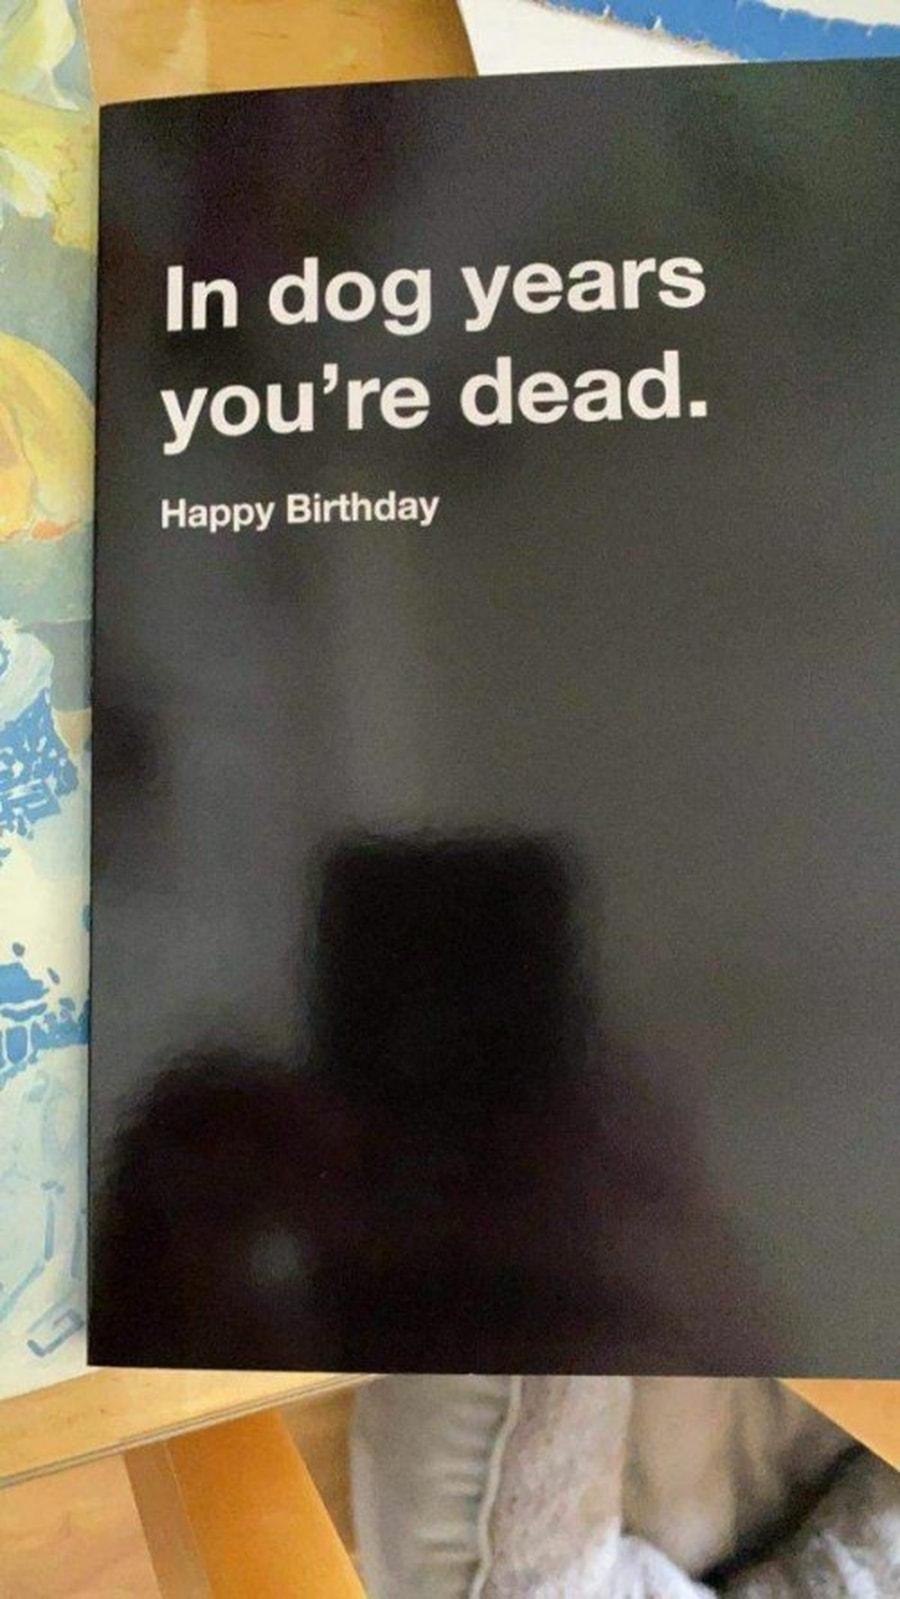 Beste Geburtstagskarte ever | Lustiges | Was is hier eigentlich los?